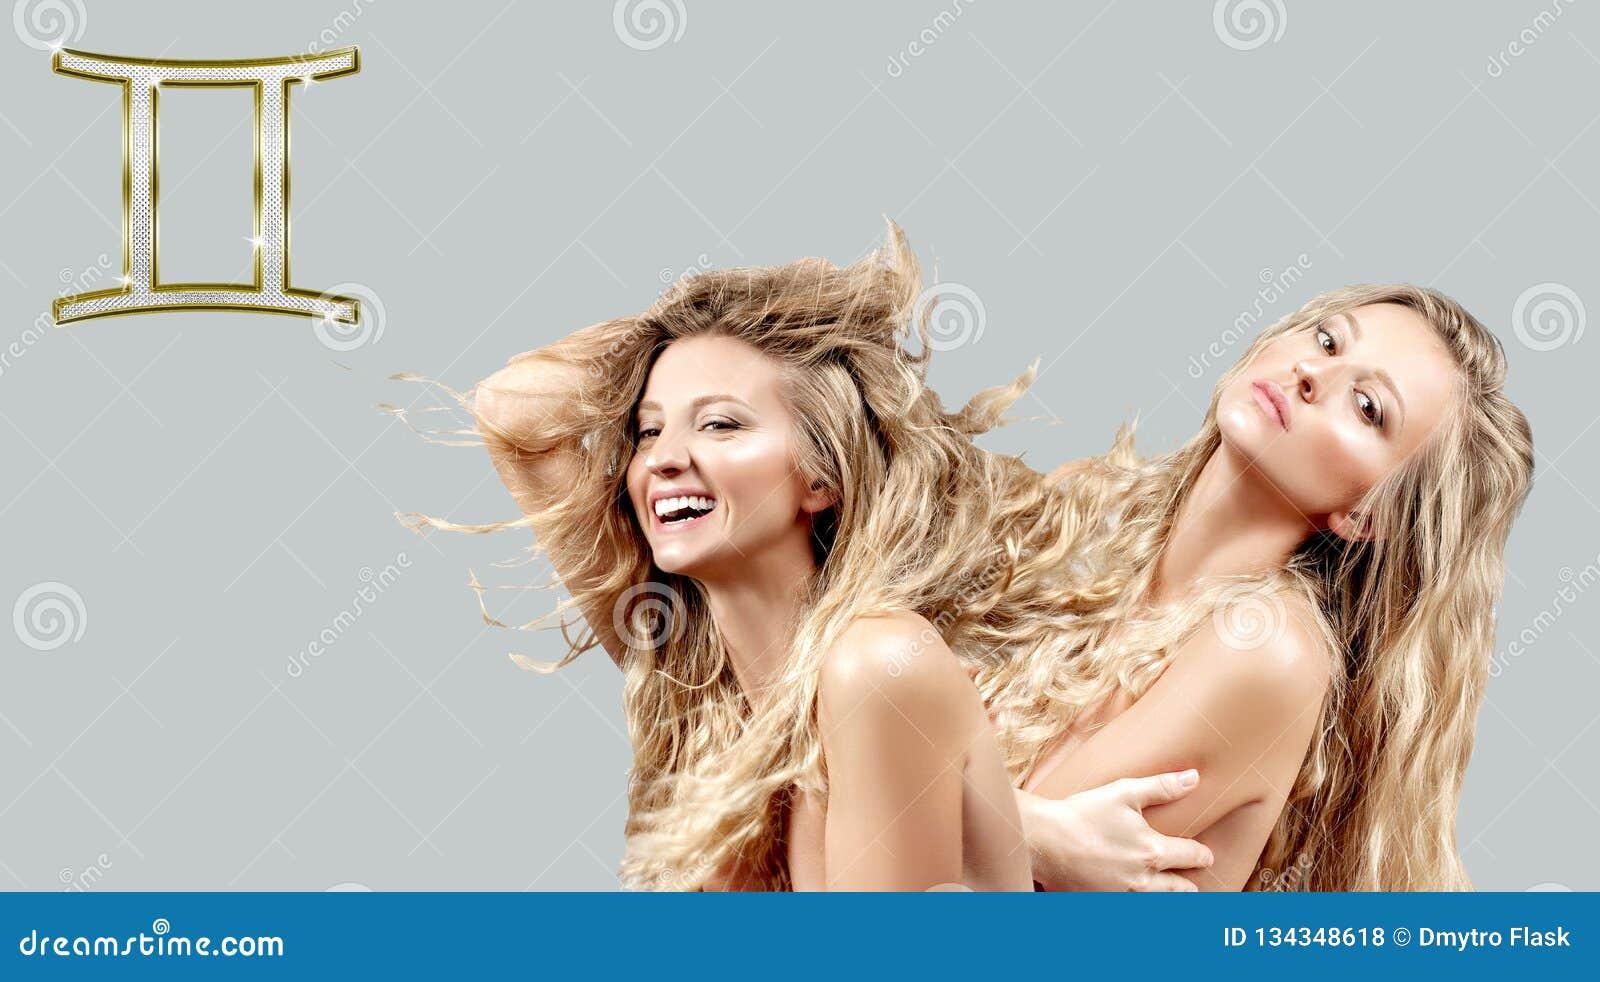 Αστρολογία και ωροσκόπιο Zodiac Διδυμων σημάδι, δύο όμορφες γυναίκες με σγουρό μακρυμάλλη